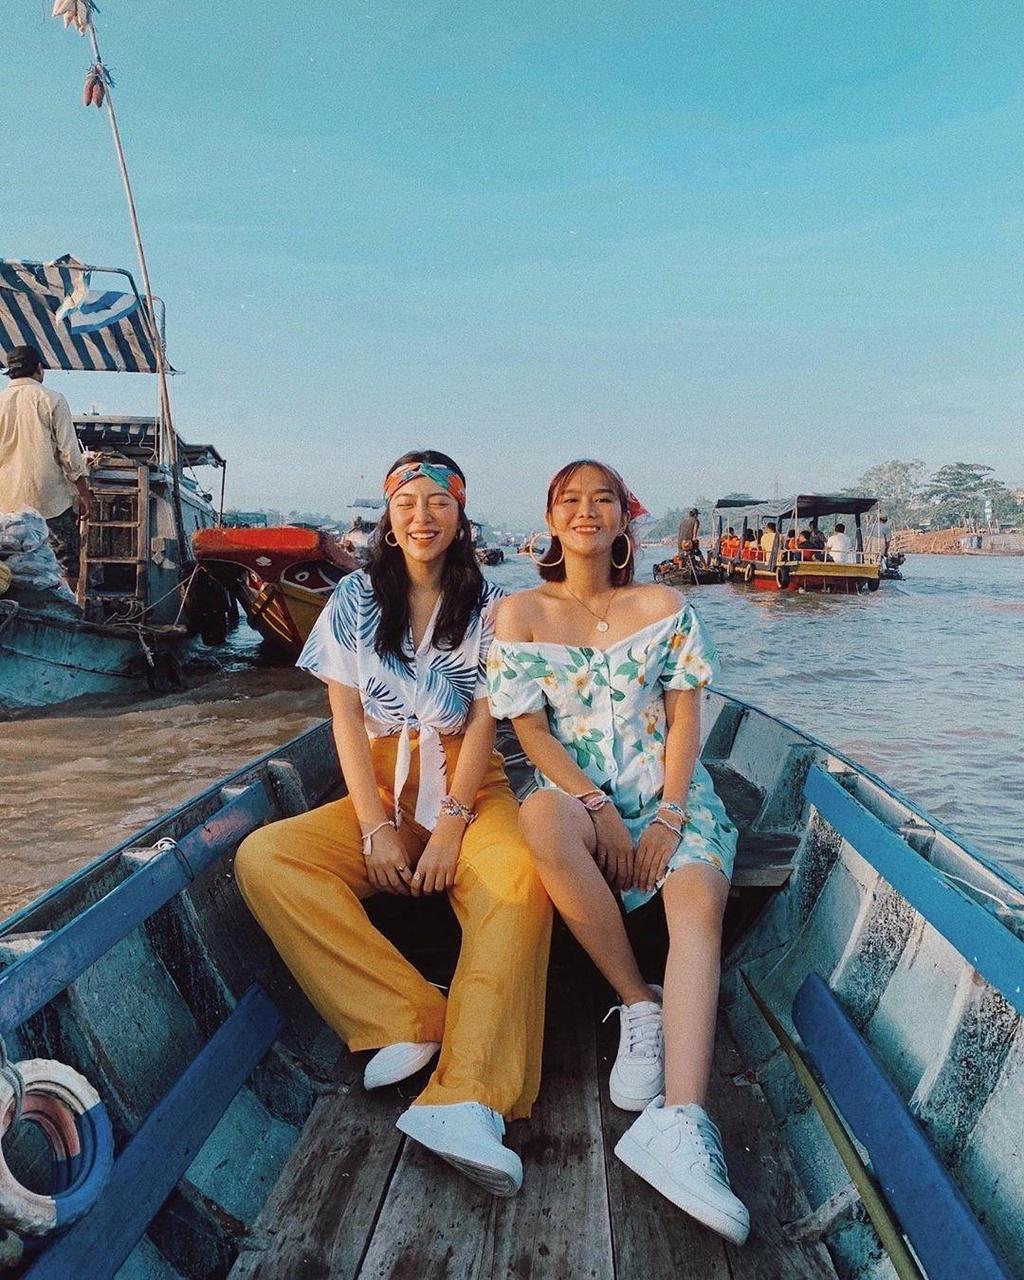 5 diem du lich noi tieng Viet Nam duoc truyen thong quoc te vinh danh hinh anh 10  - 11_lehatruc - 5 điểm du lịch nổi tiếng Việt Nam được truyền thông quốc tế vinh danh